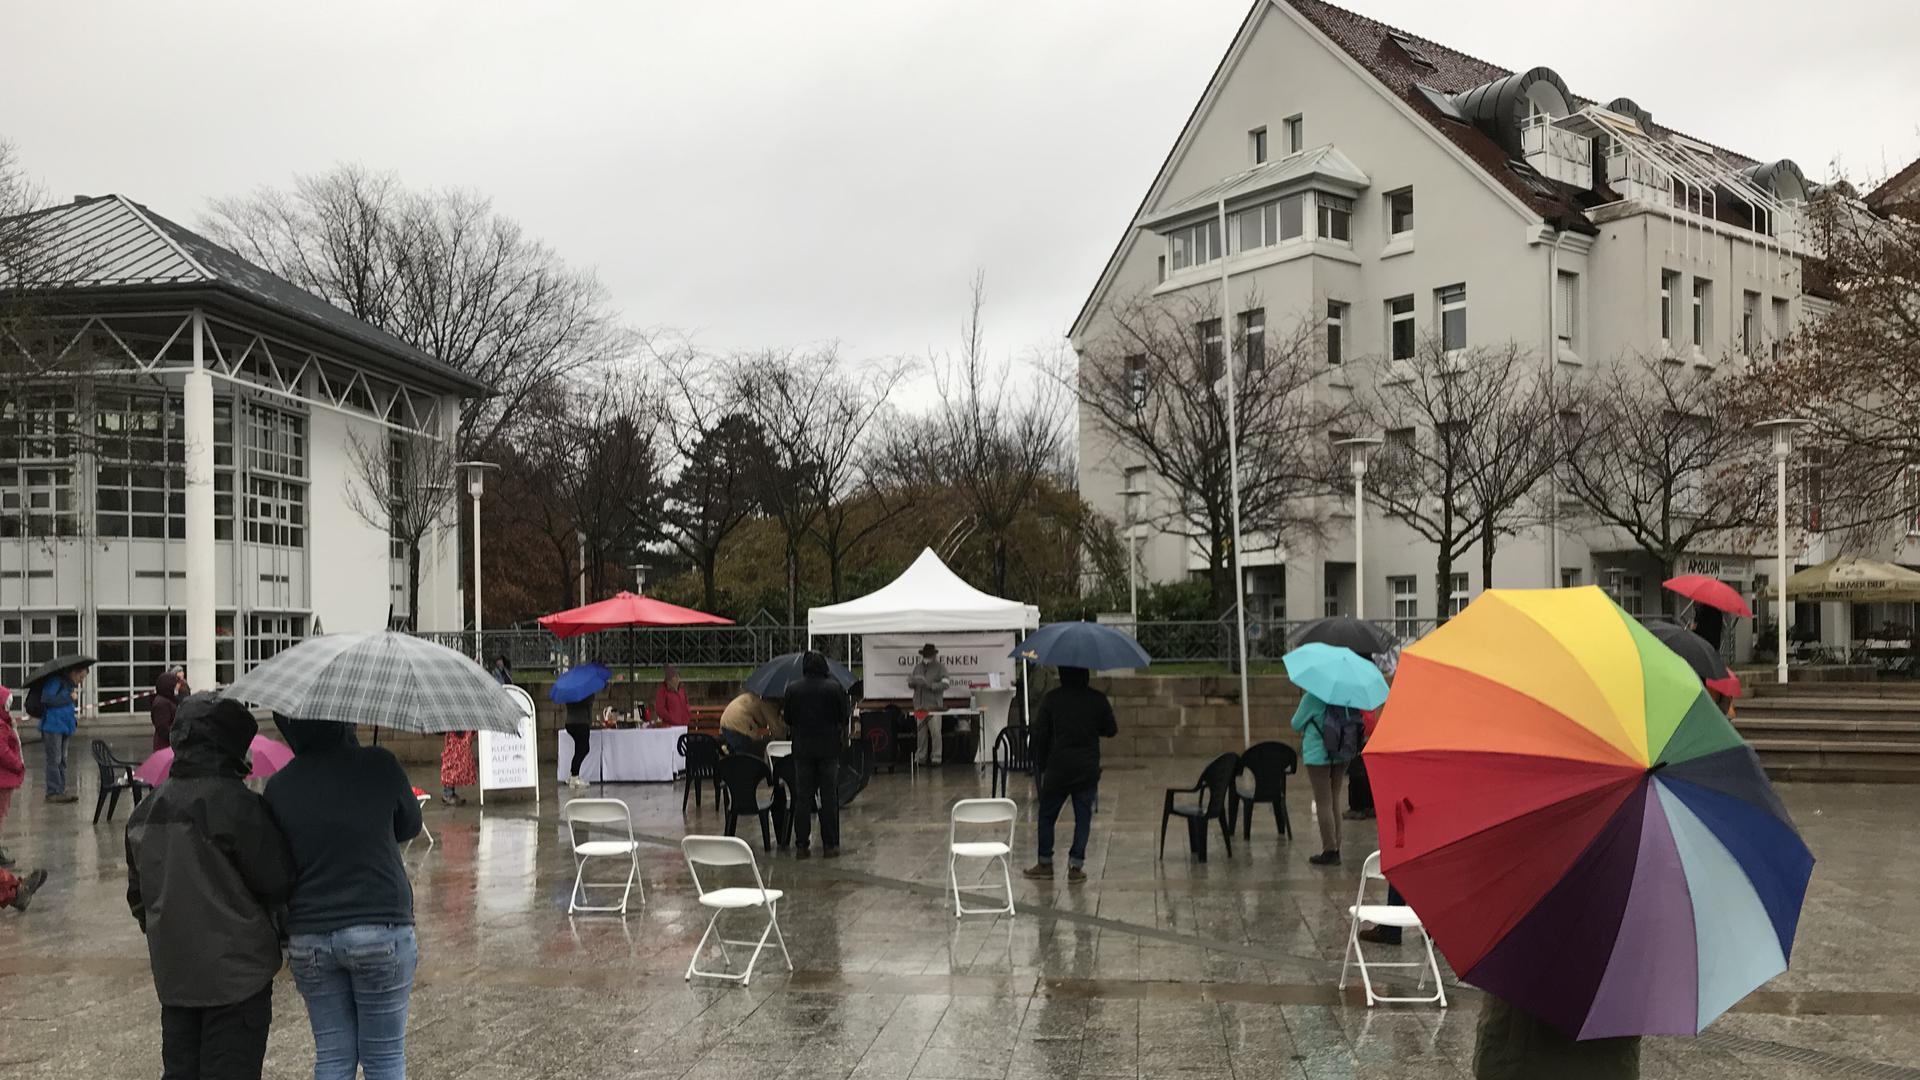 Menschen mit Regenschirmen auf dem Europa-Platz in Bühl